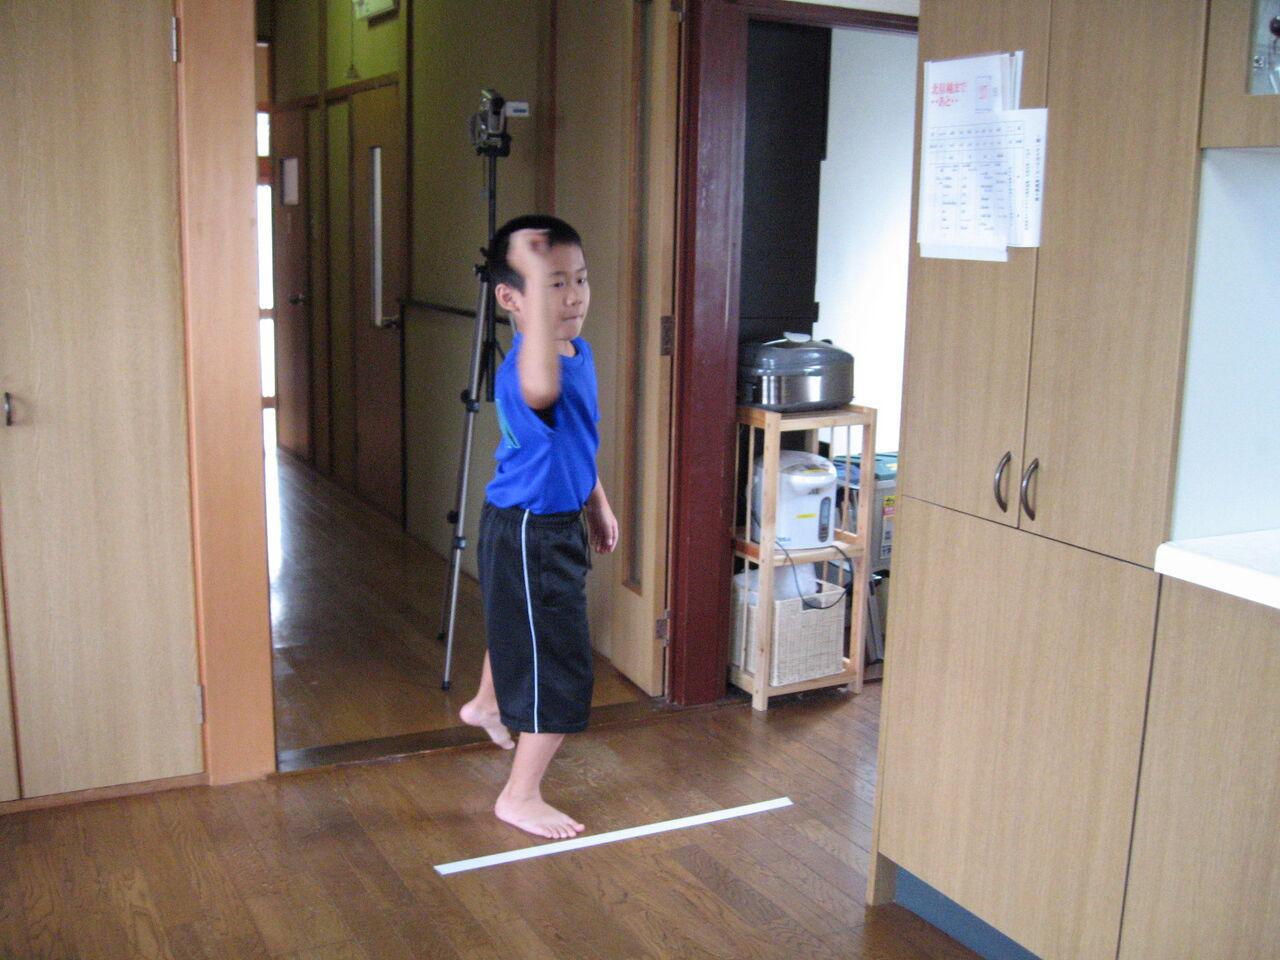 https://livedoor.blogimg.jp/ikouyou_1204/imgs/5/4/5434334f.jpg